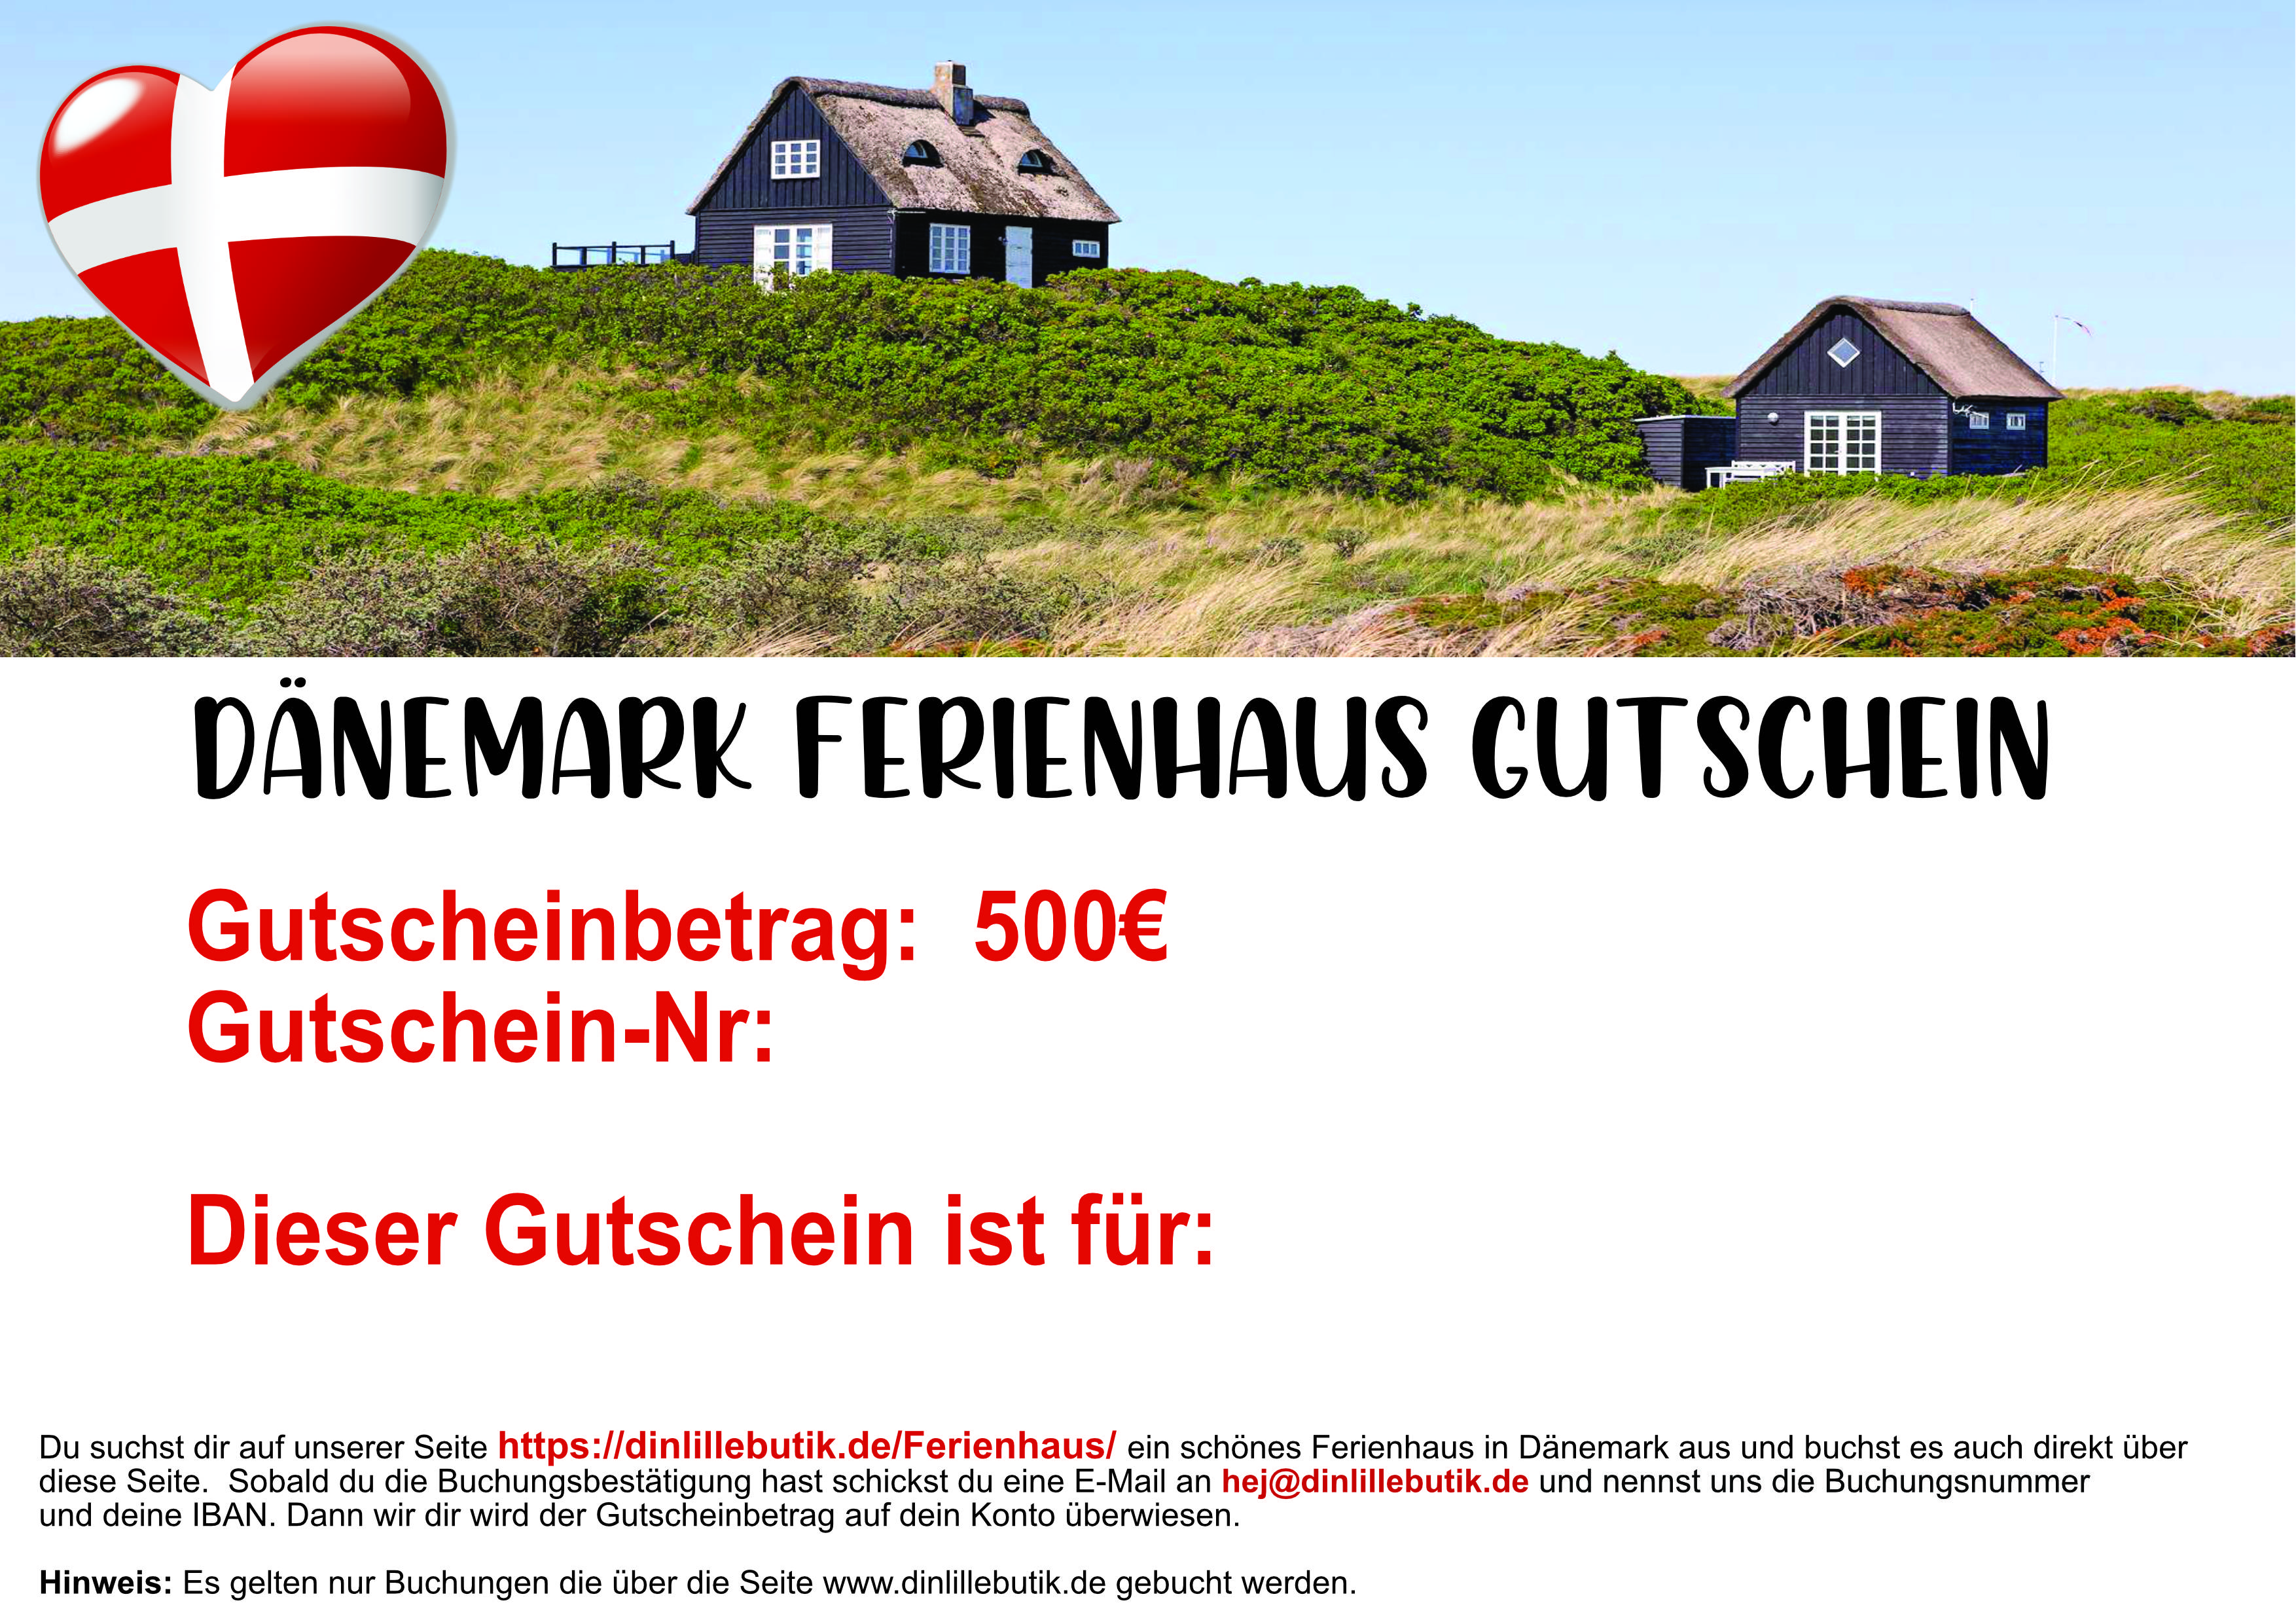 Dänemark Ferienhausgutschein 500 Euro